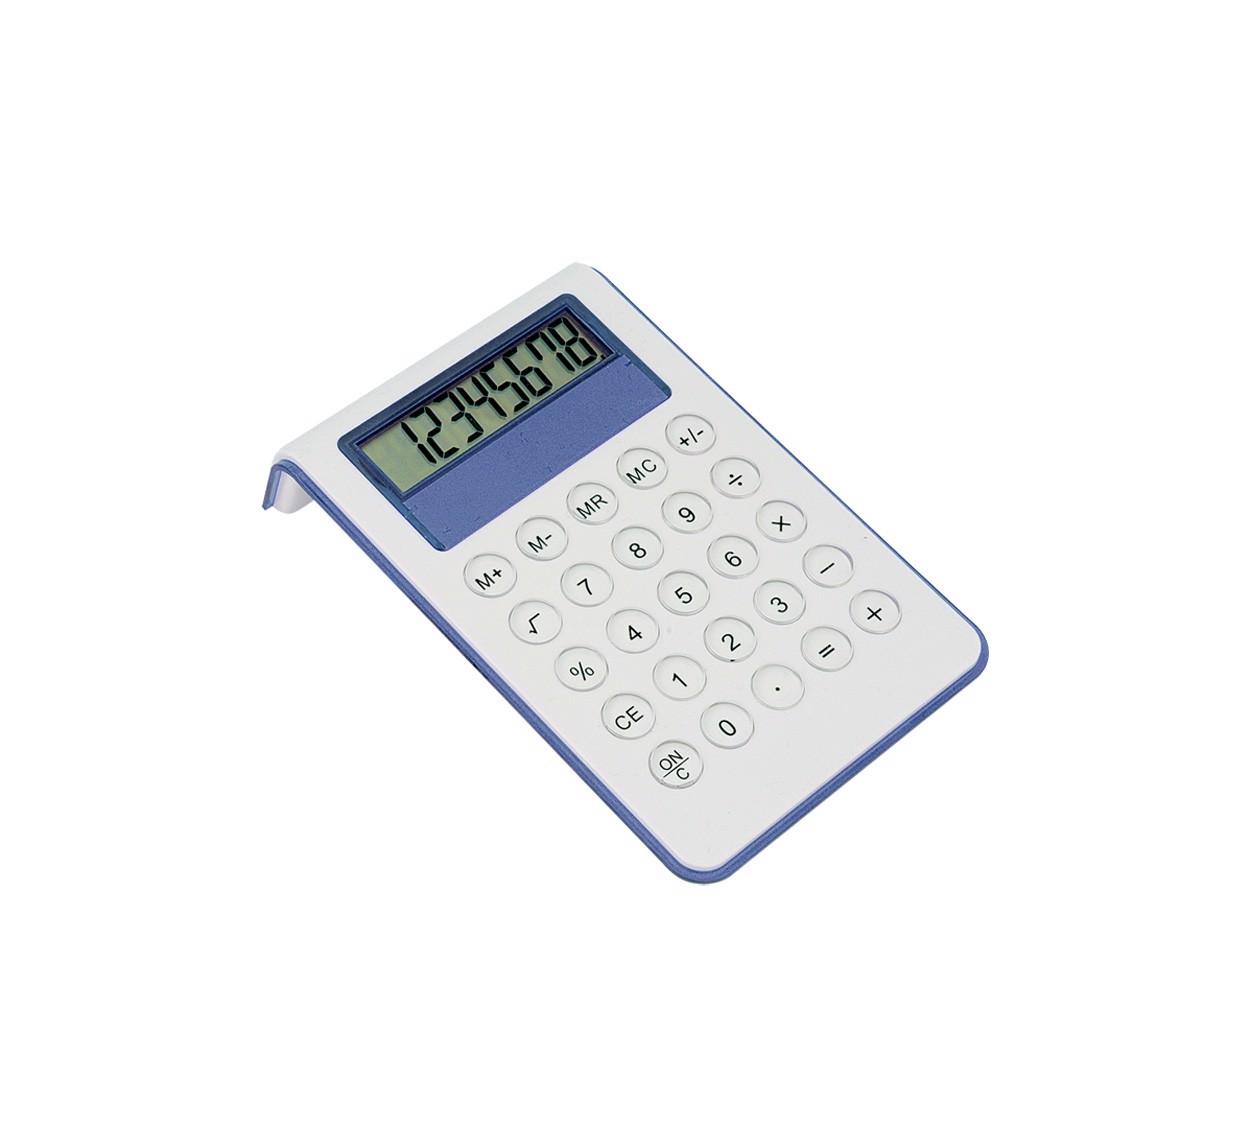 Kalkulačka Myd - Modrá / Bílá